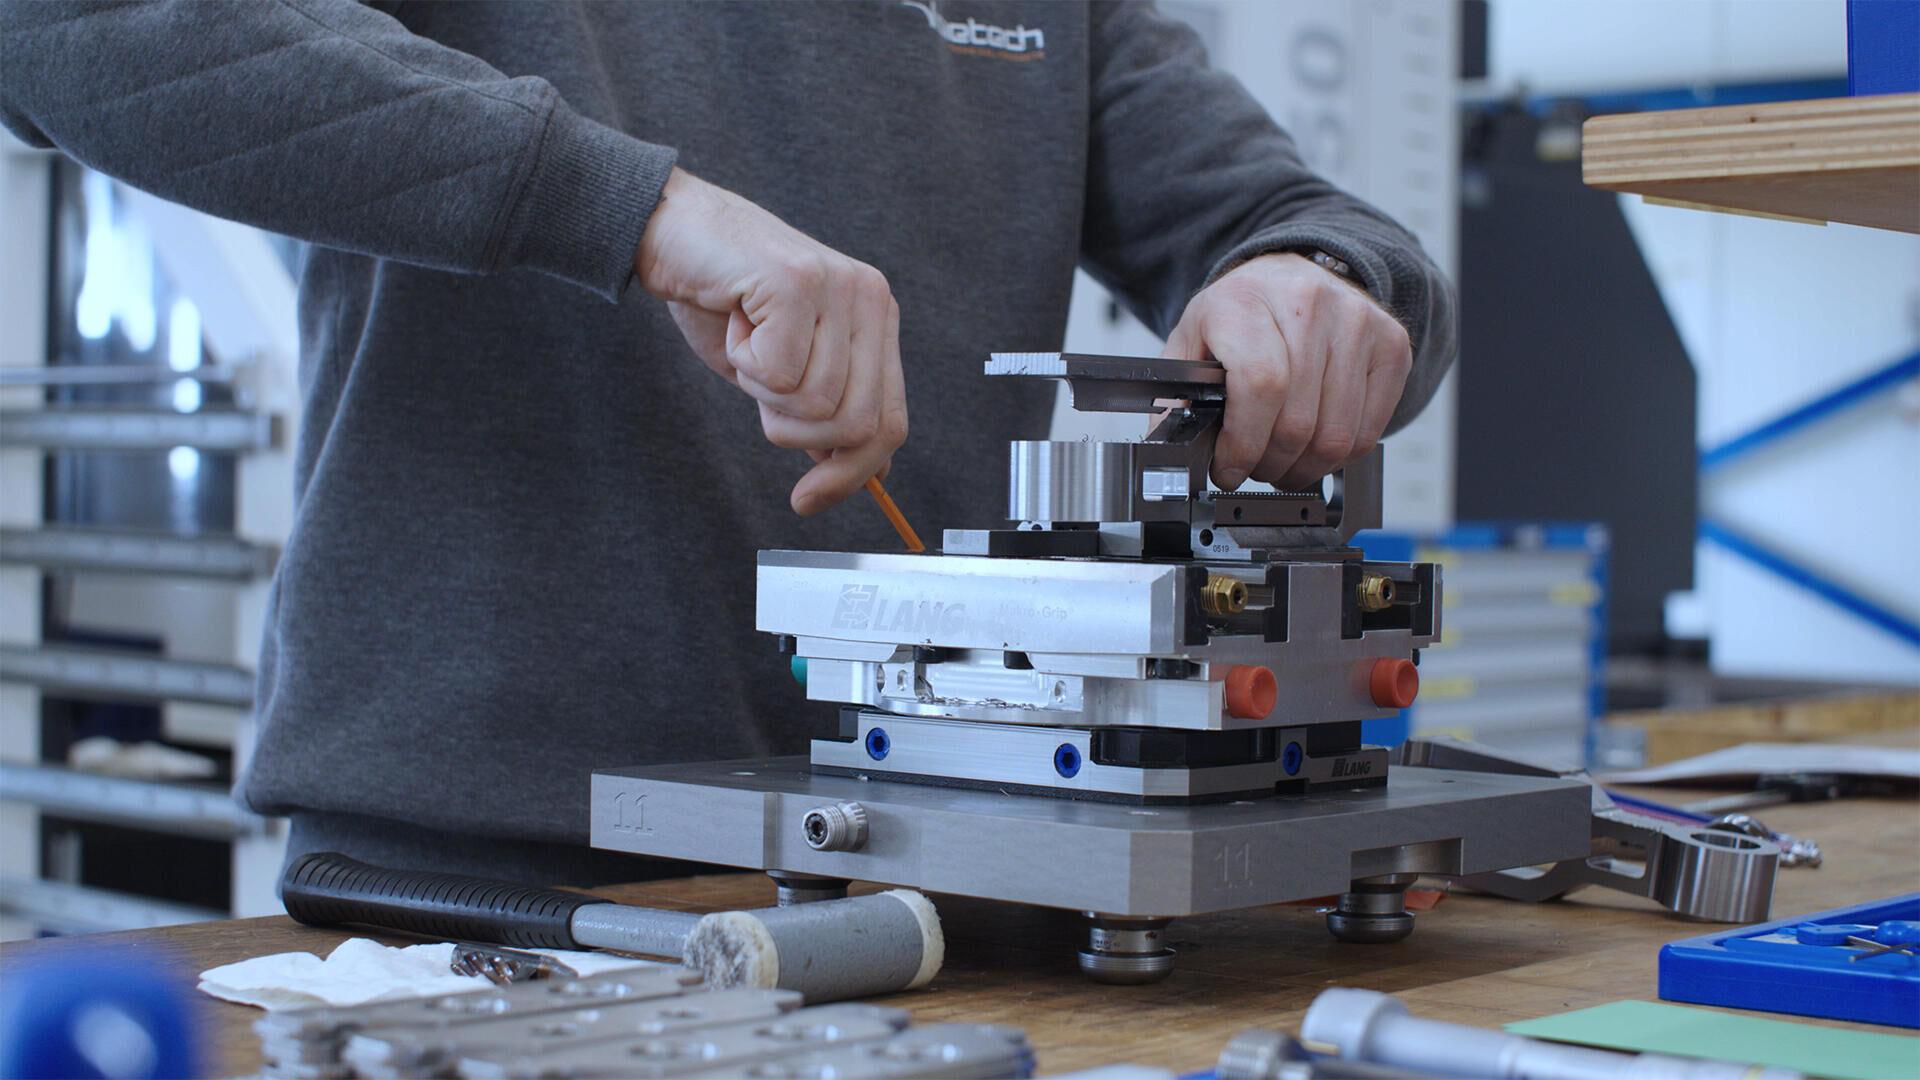 Veiligheid en kwaliteit staan hoog in het vaandel: AS9100D & ISO 9001:2015